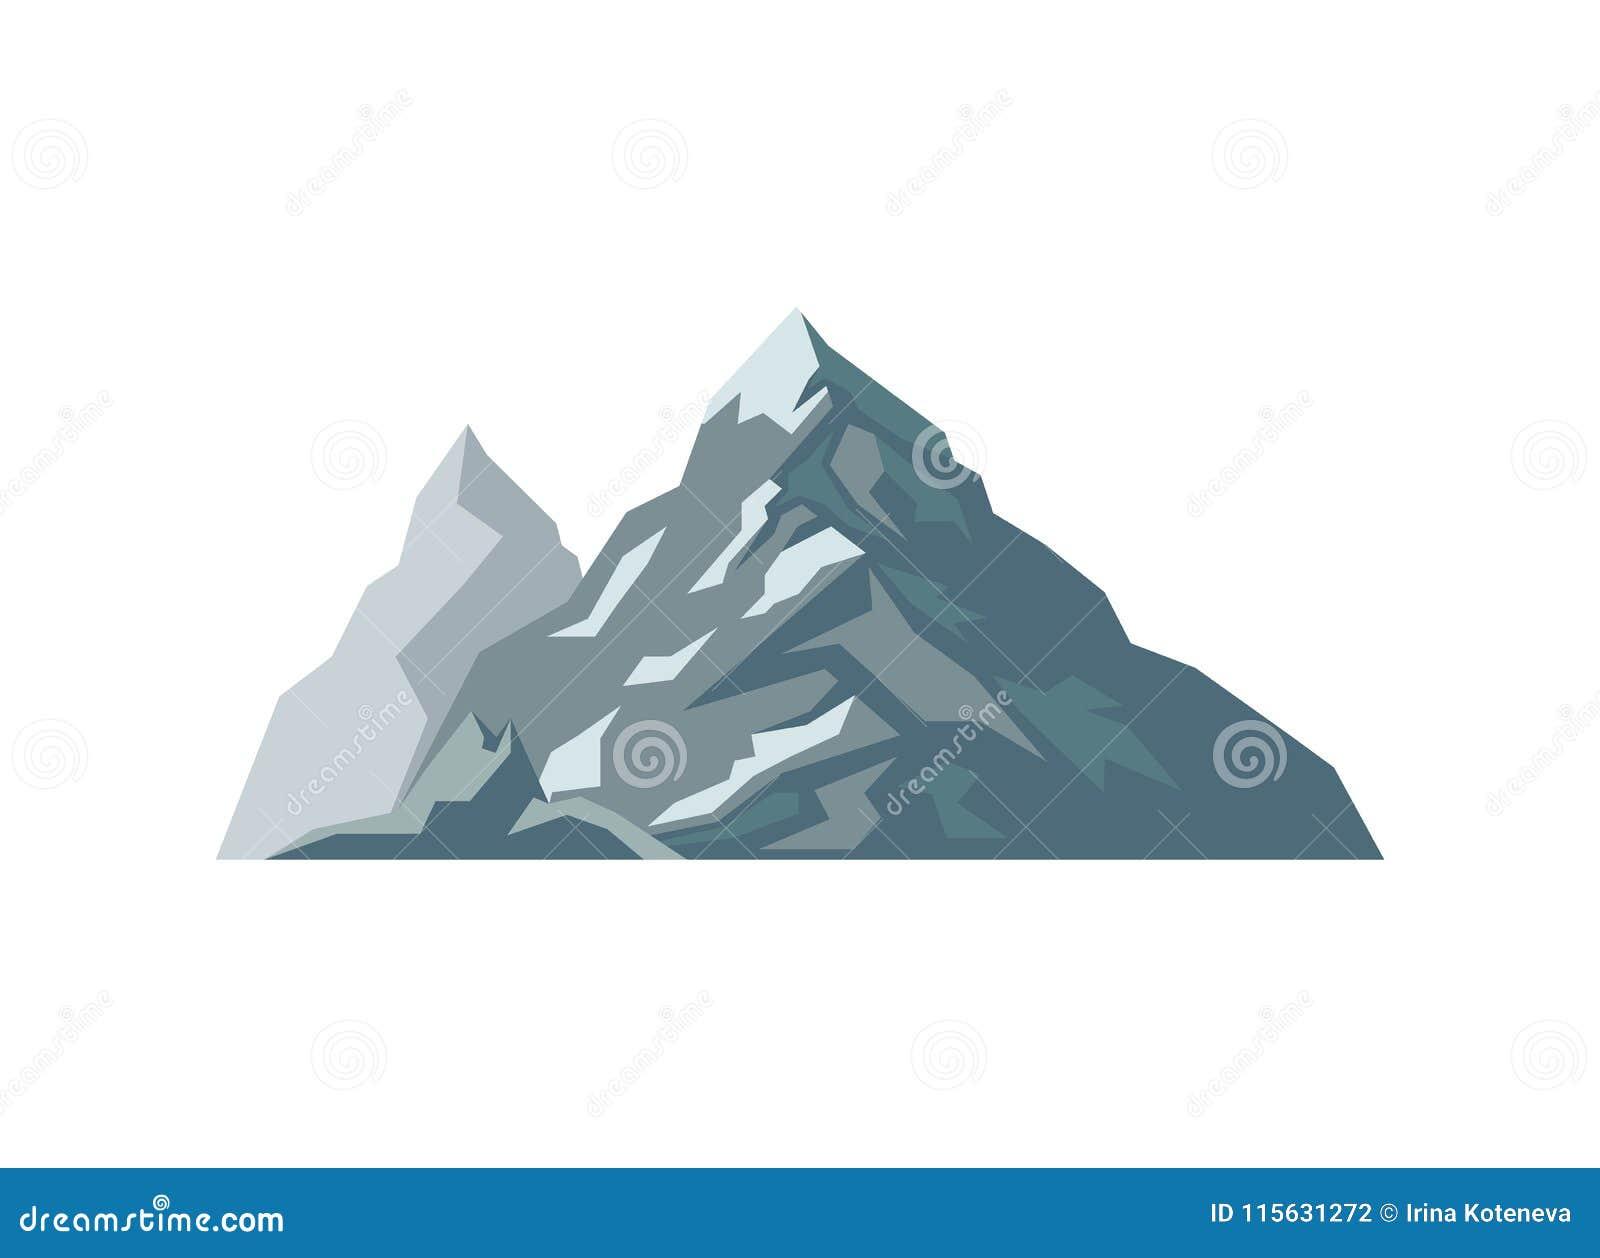 Illustrazione di vettore isolata alto iceberg